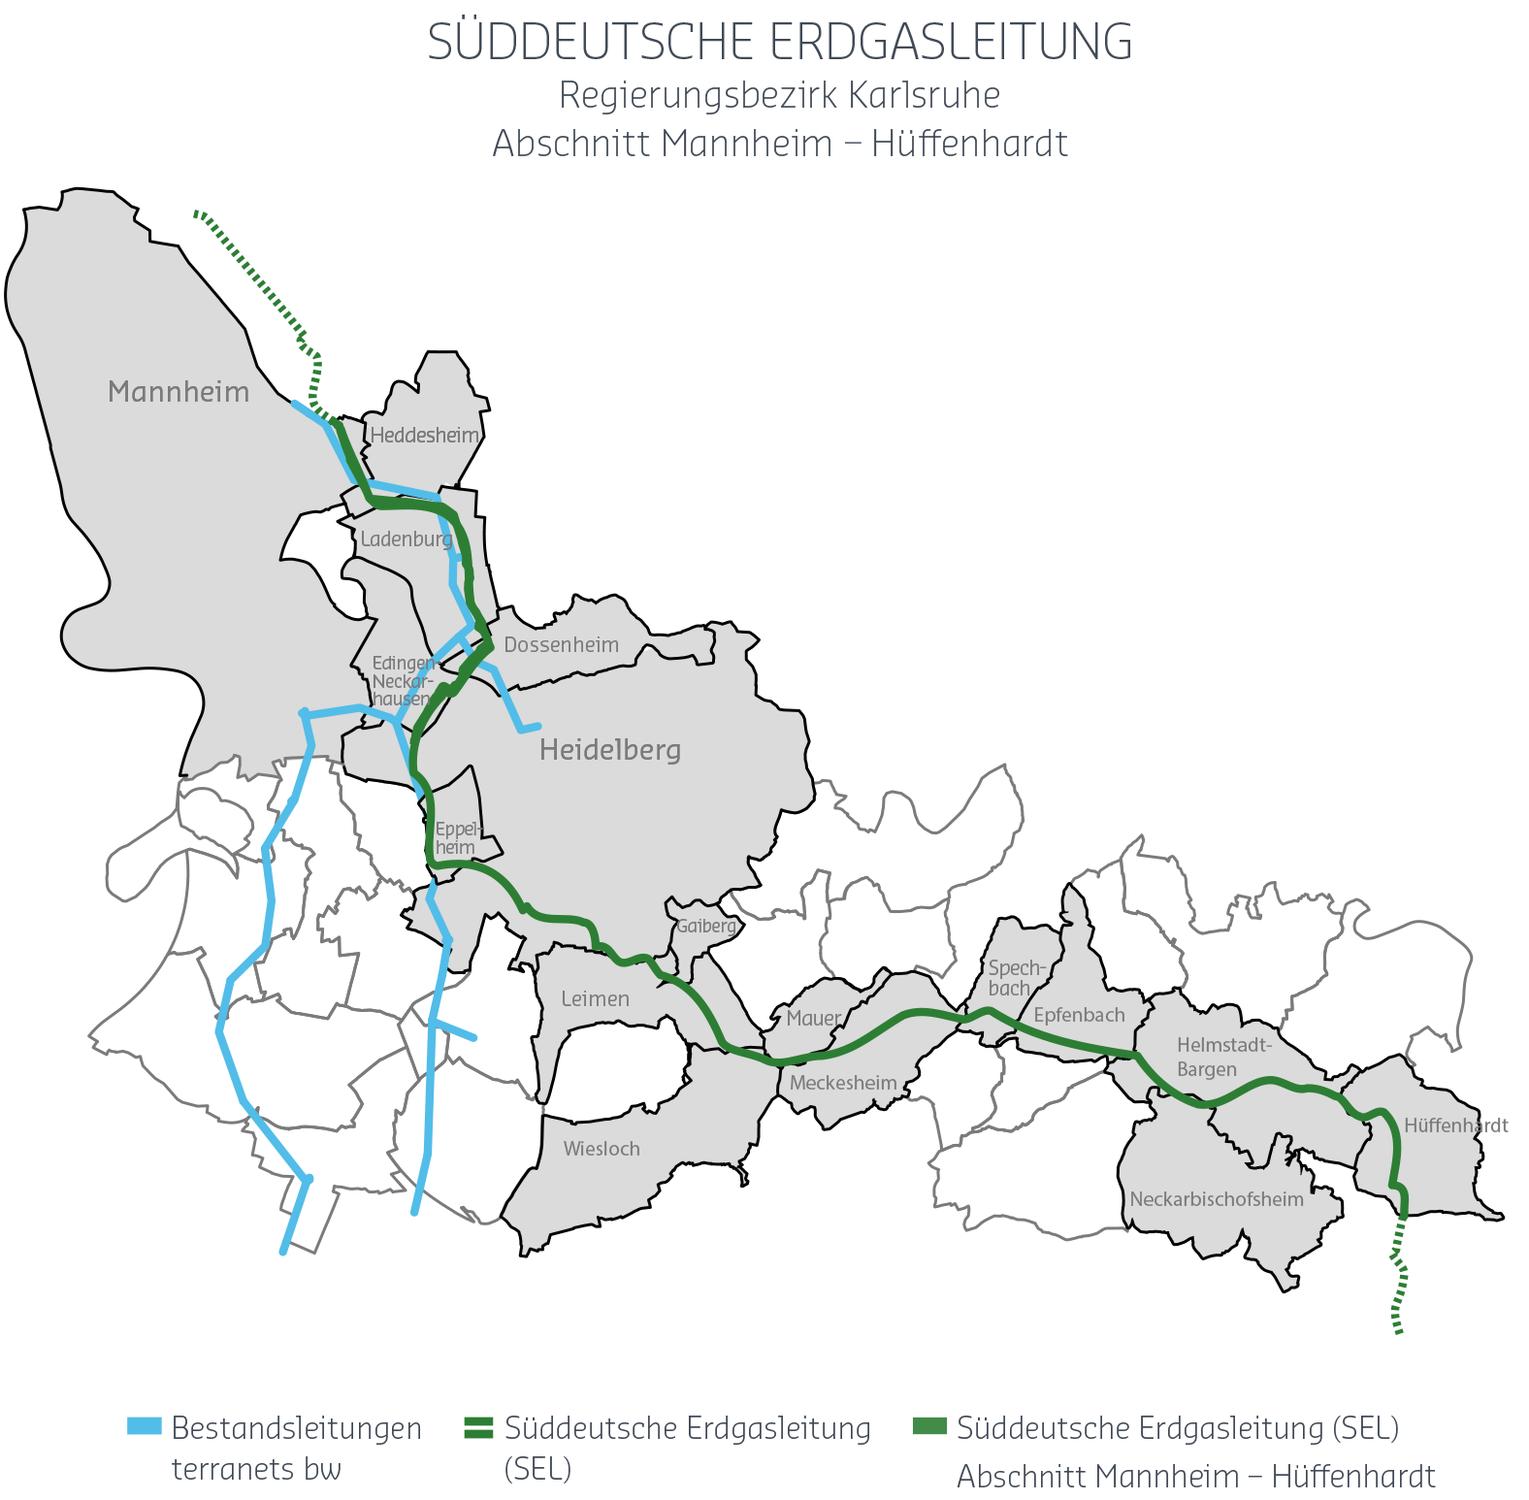 Süddeutsche Erdgasleitung